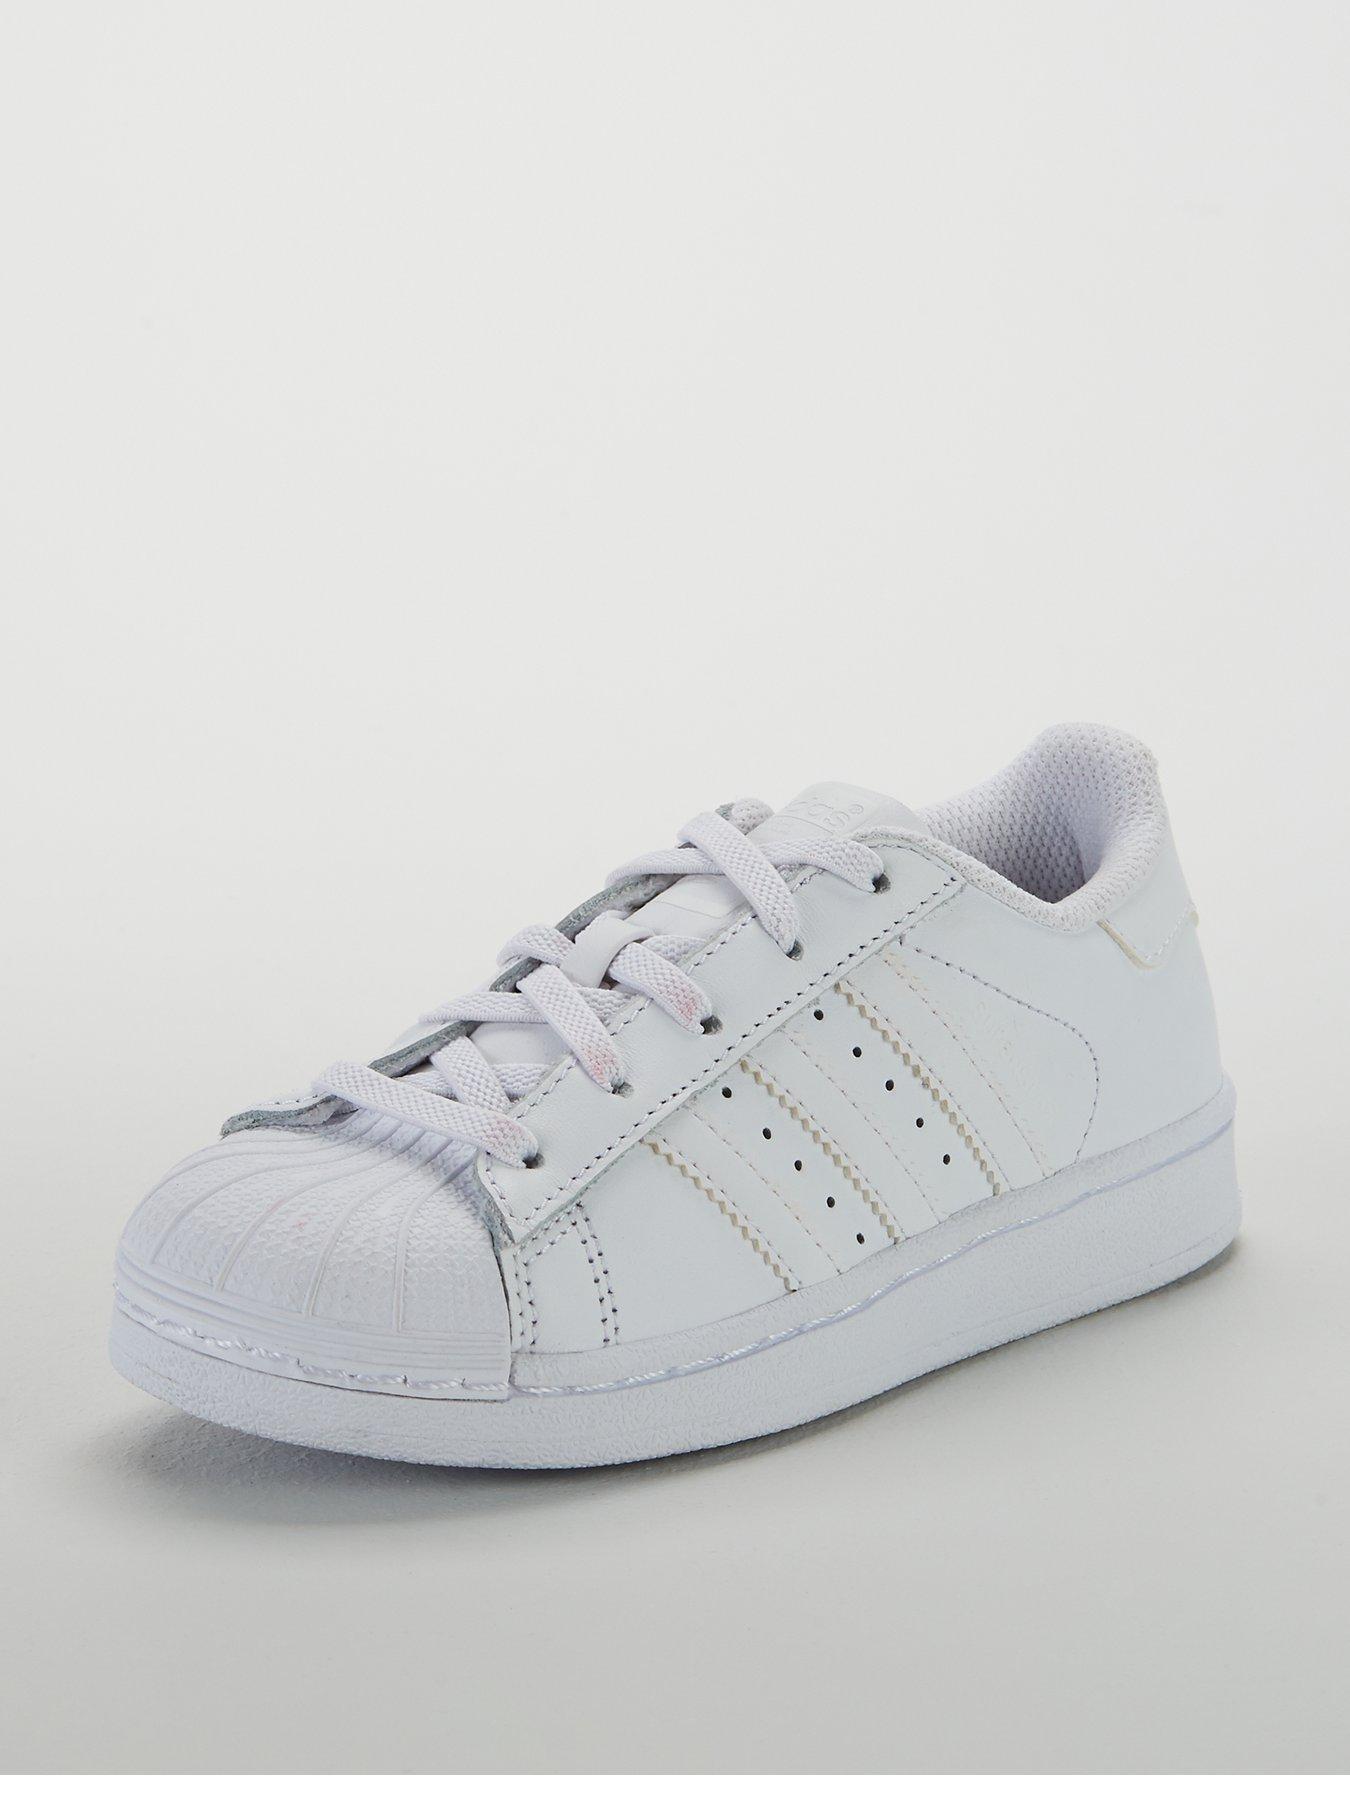 Zapatillas adidas Originals Superstar Kids & Baby Sports zapatos